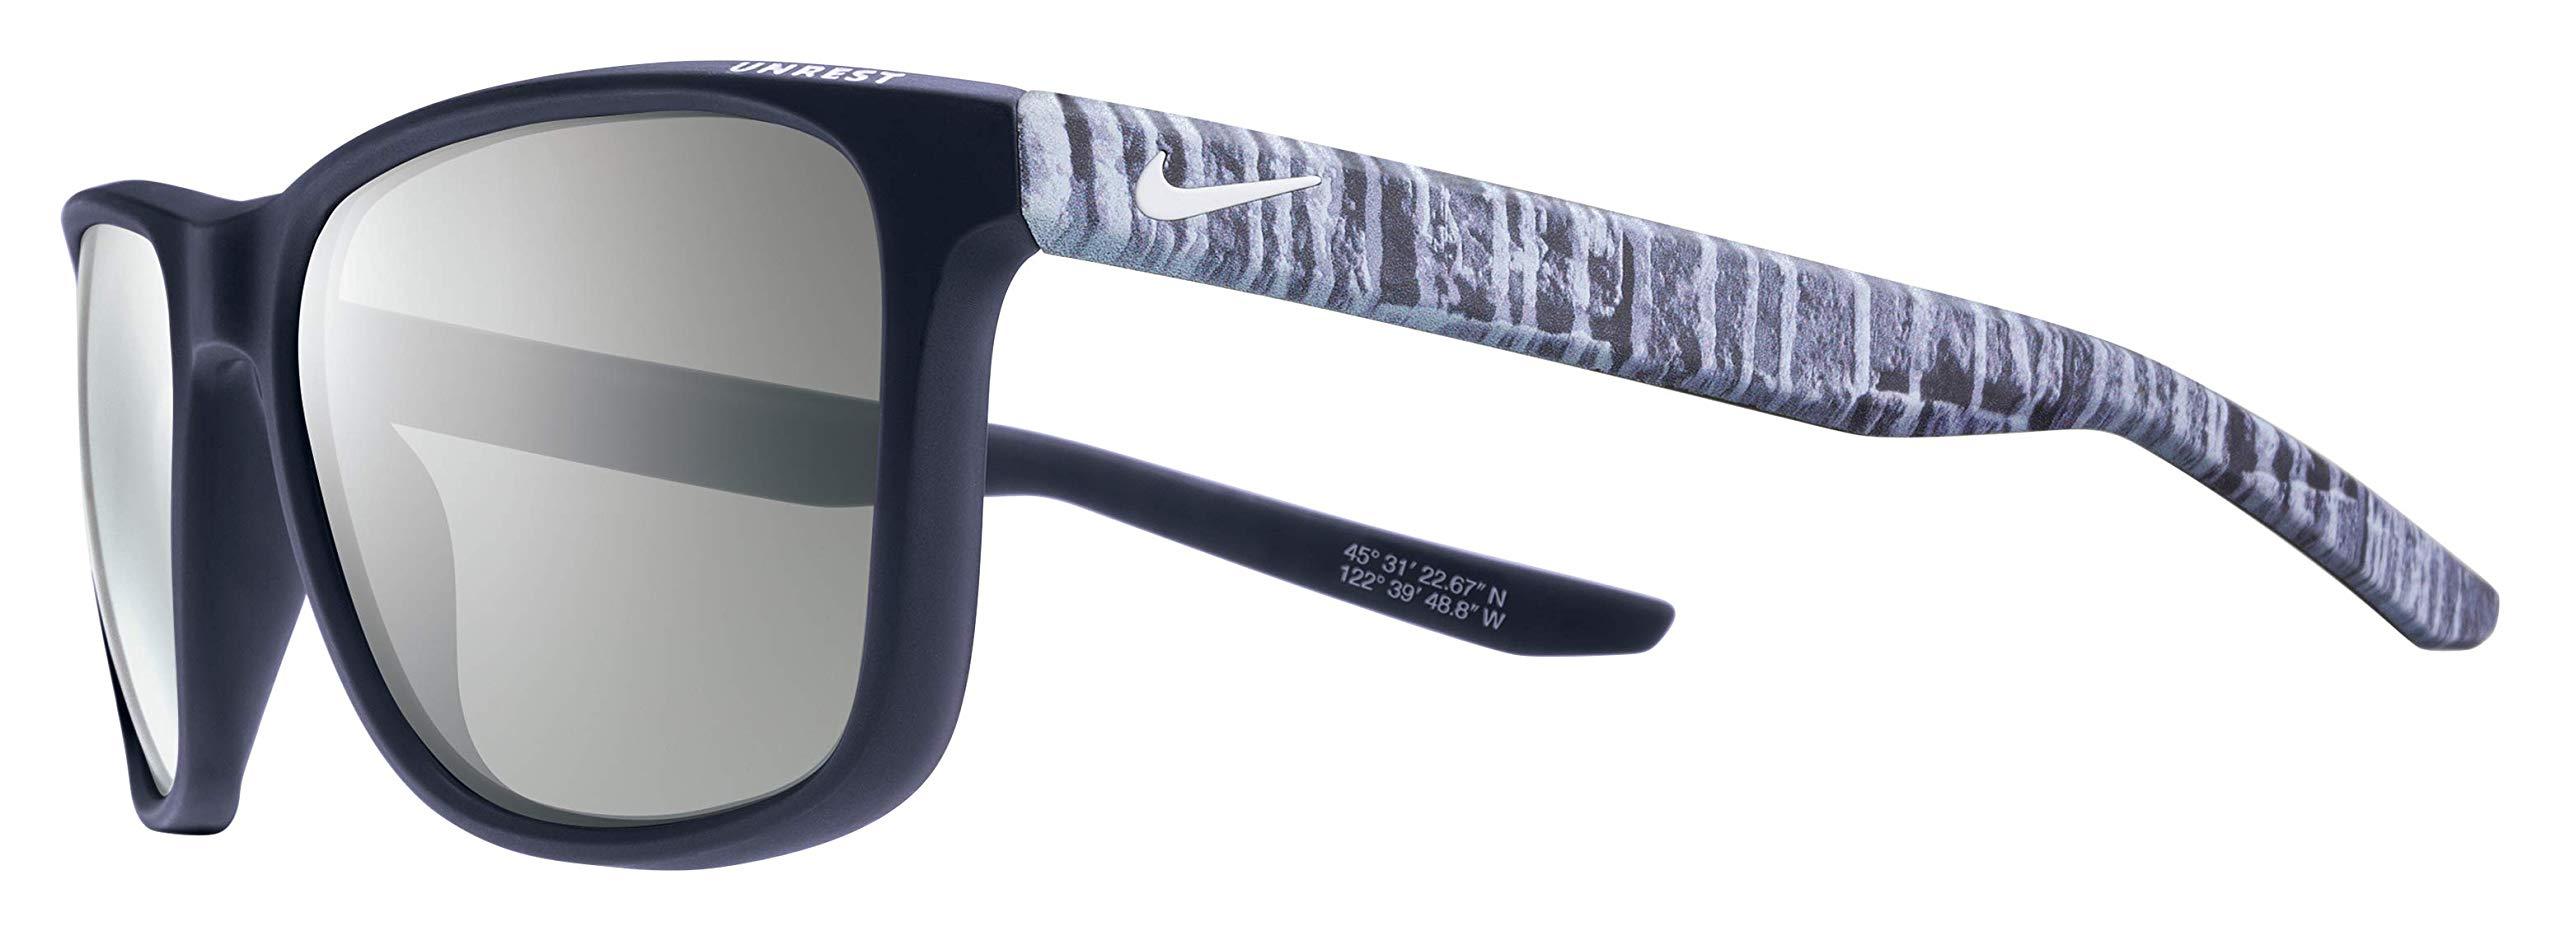 Nike Golf Men's Unrest Se Rectangular Sunglasses, Matte Dark Obsidian/White Frame, 57 mm